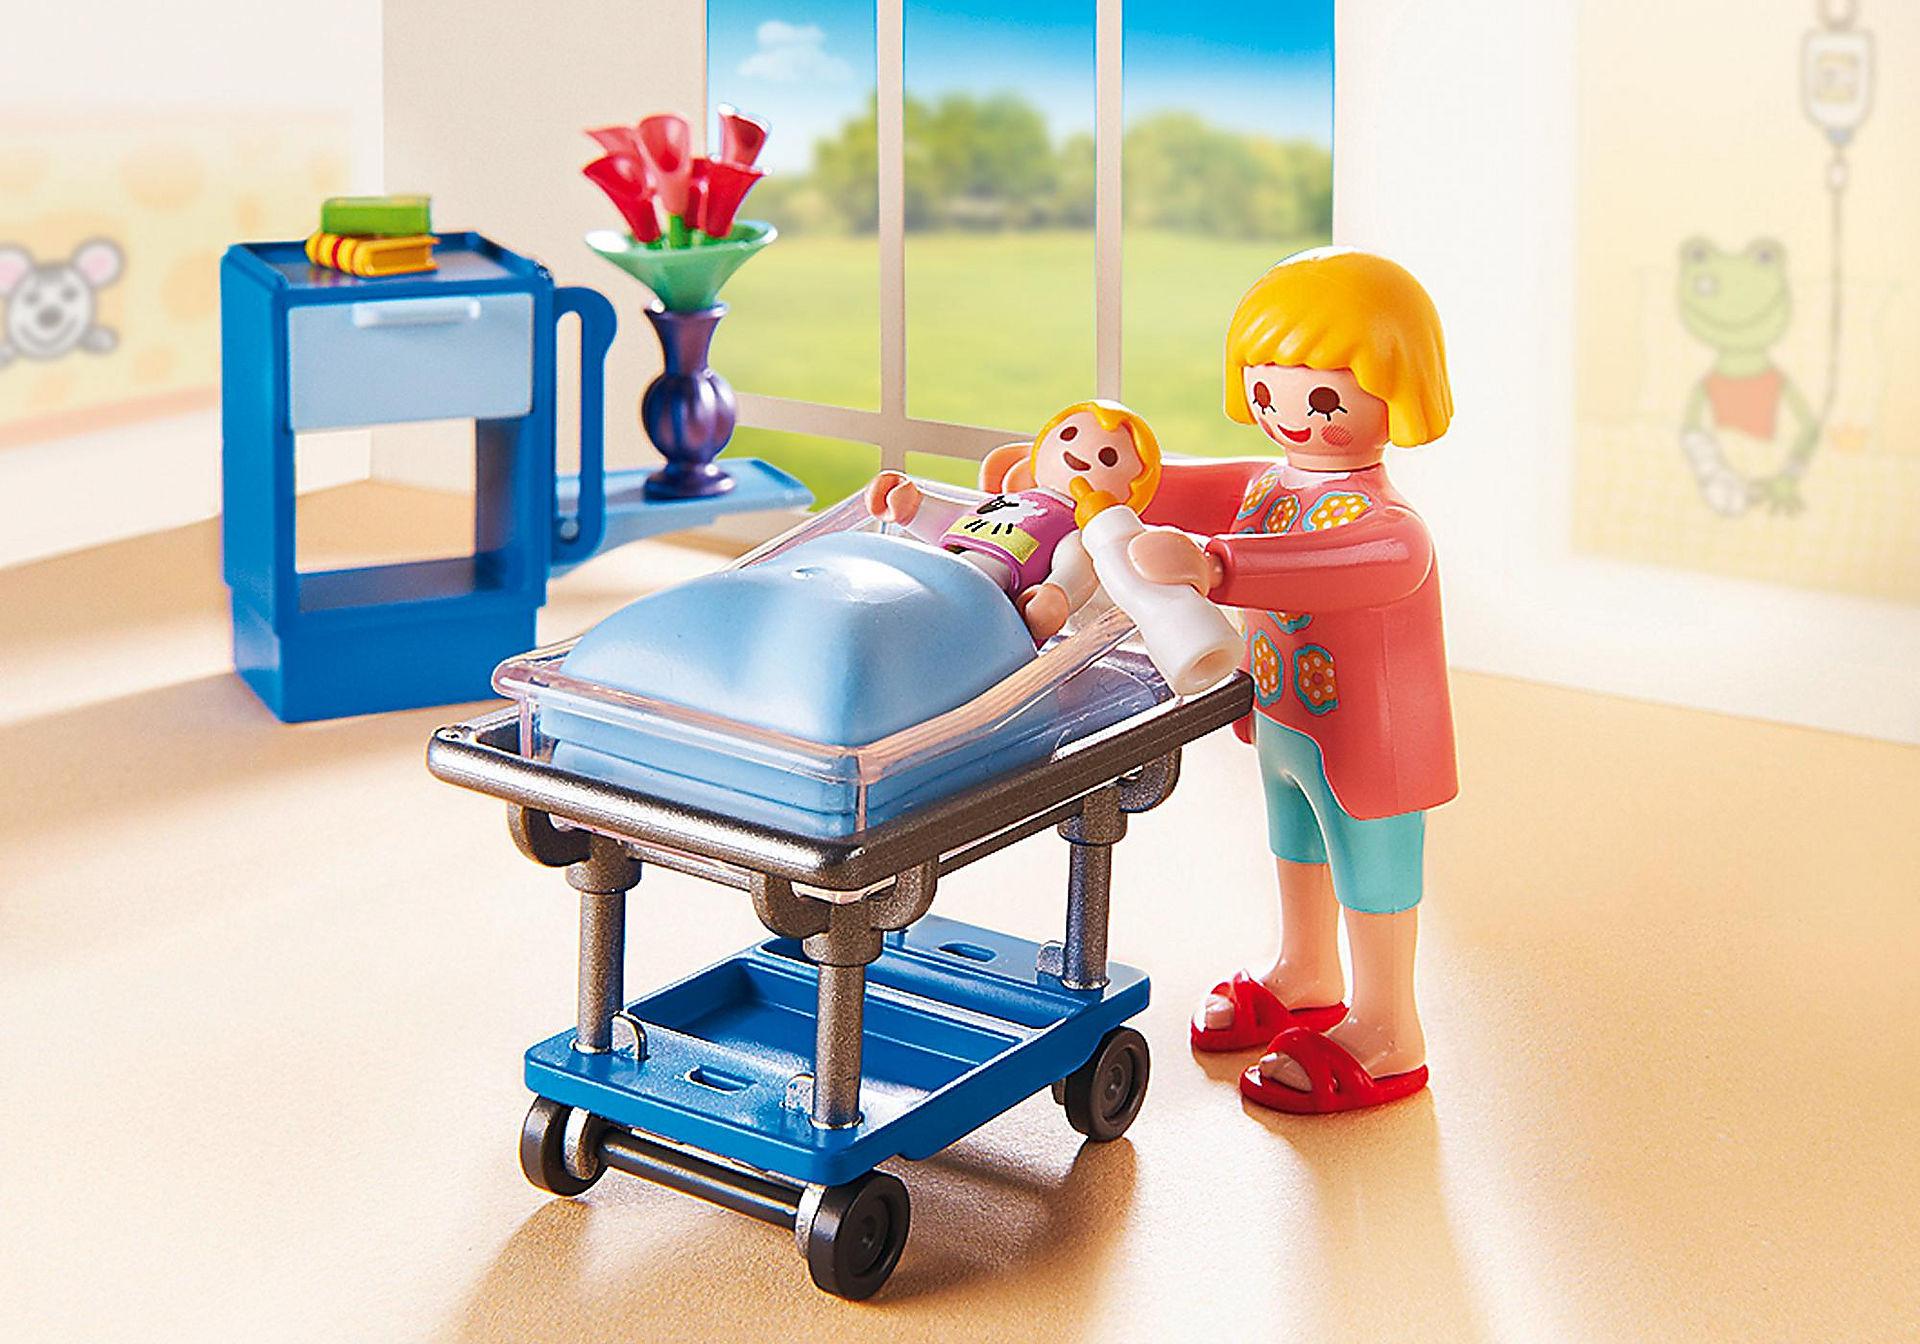 http://media.playmobil.com/i/playmobil/6660_product_extra1/Sala chorych z łóżkiem dla niemowlaka